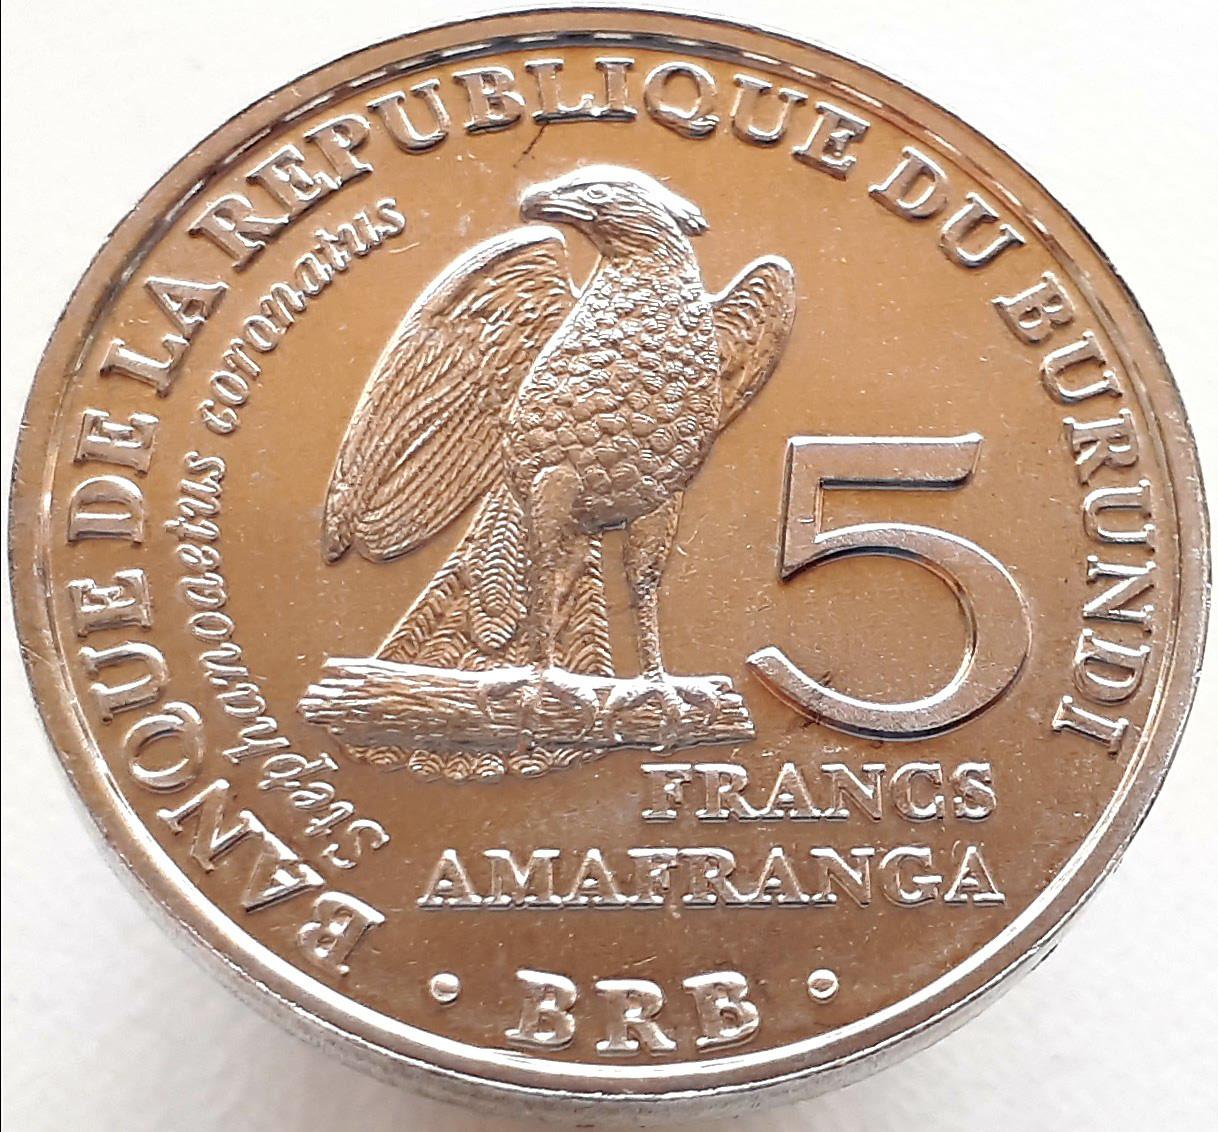 Бурунди 5 франков 2014 - Венценосный орёл